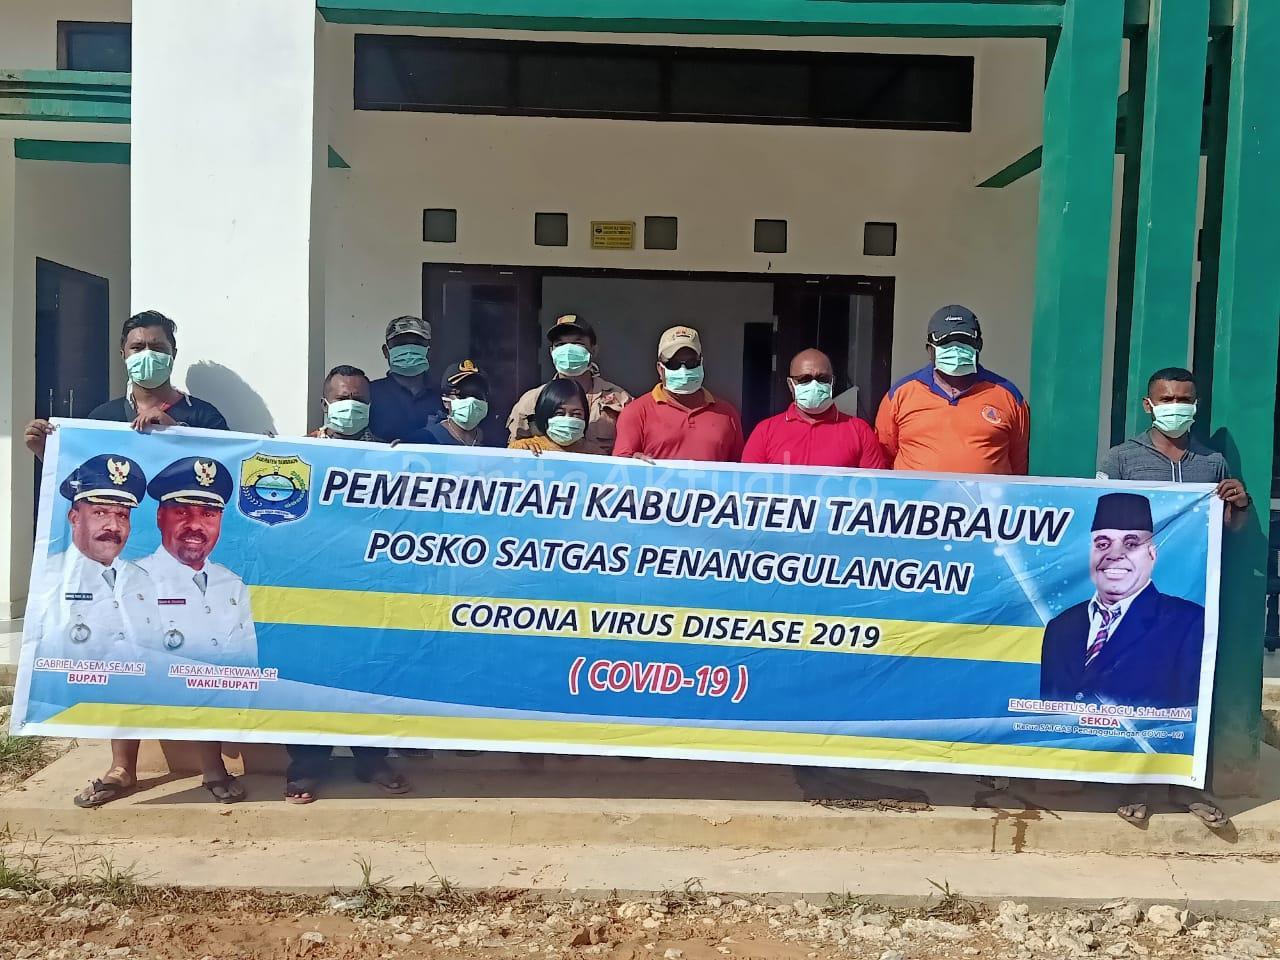 Sekda Kocu: Cegah Corona Masuk Tambrauw, Pintu Perbatasan Akan Dijaga Ketat 2 IMG 20200329 WA0008